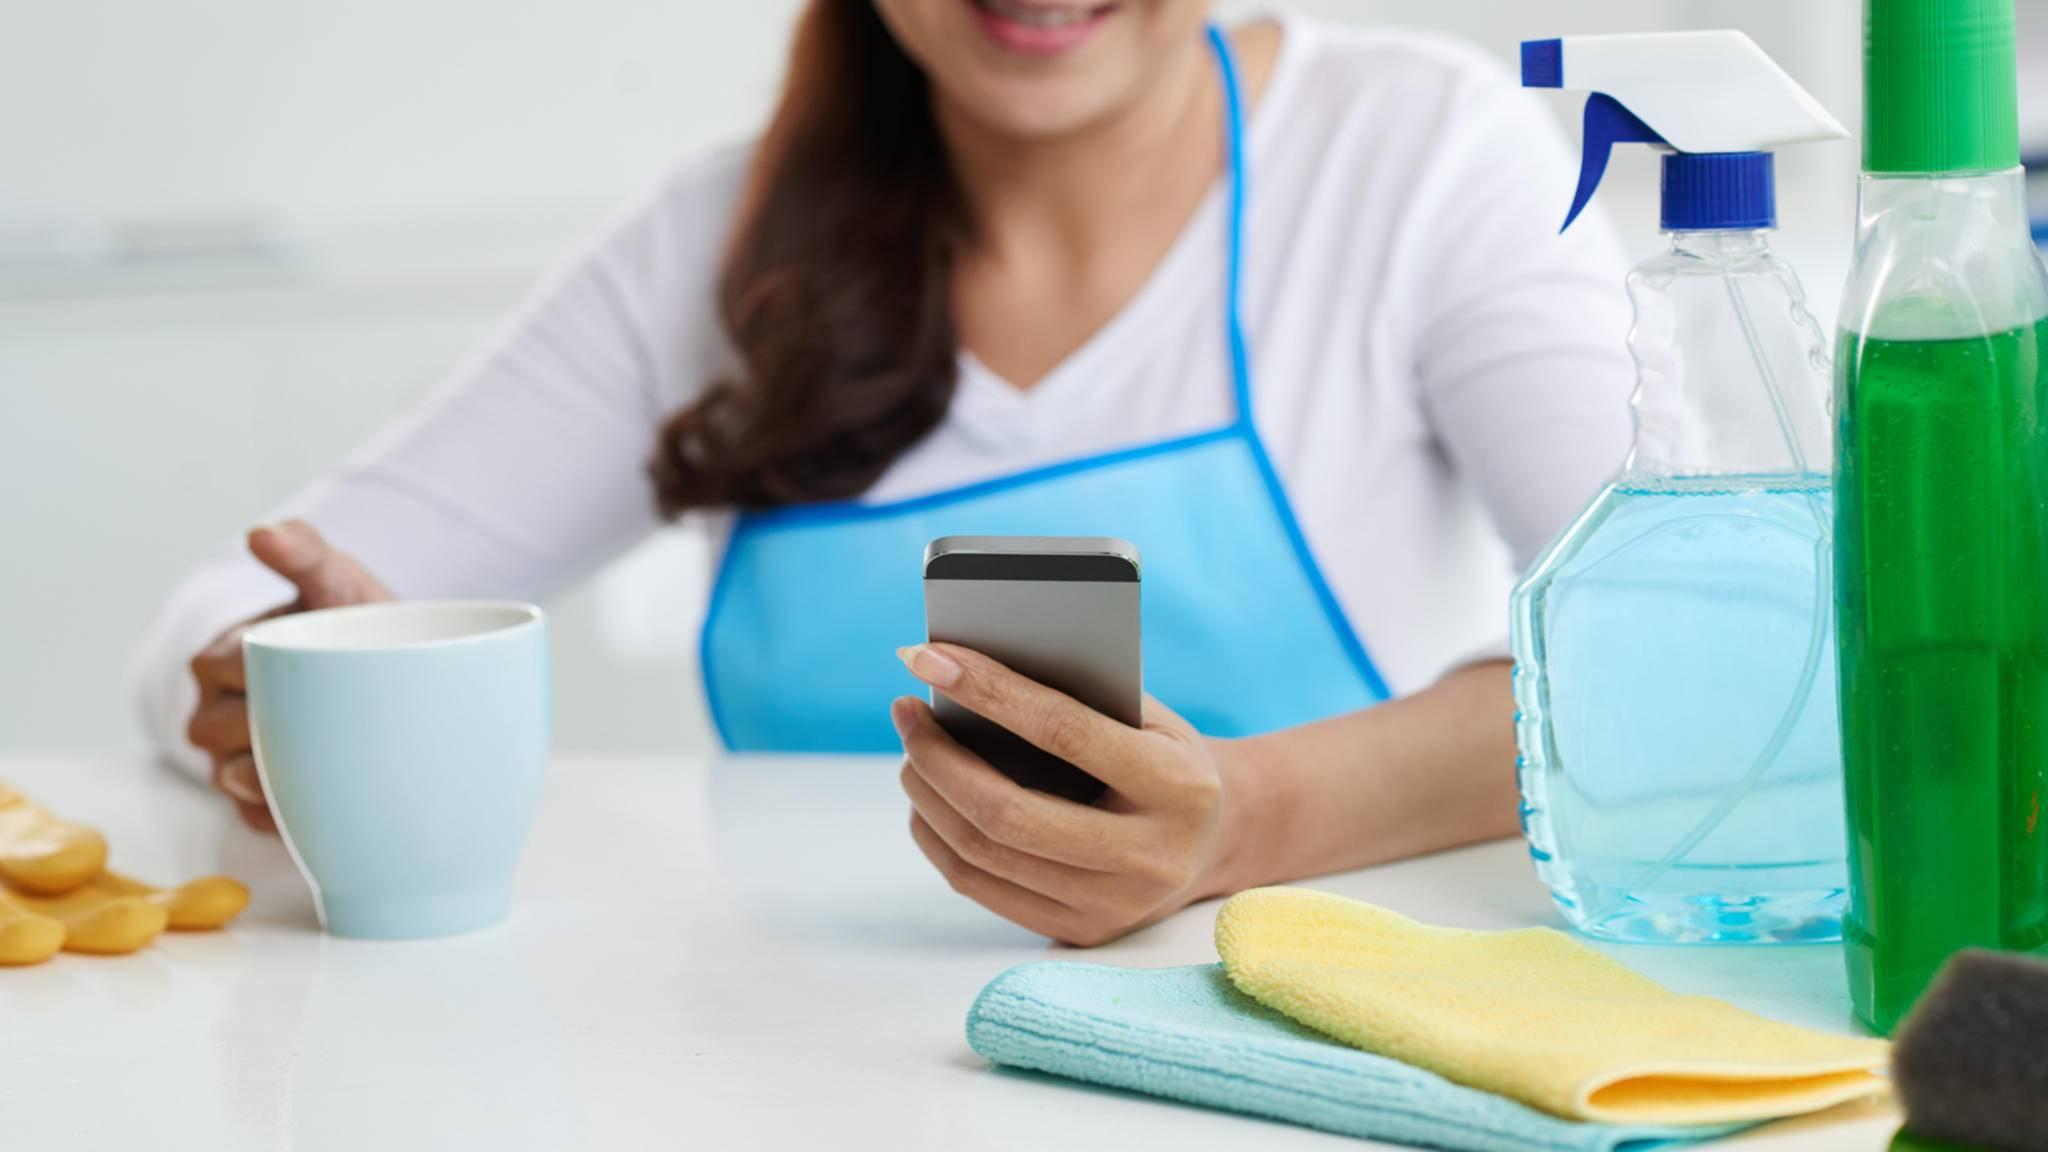 Mit Putz-Apps kannst Du Deinen Haushalt ganz einfach organisieren.